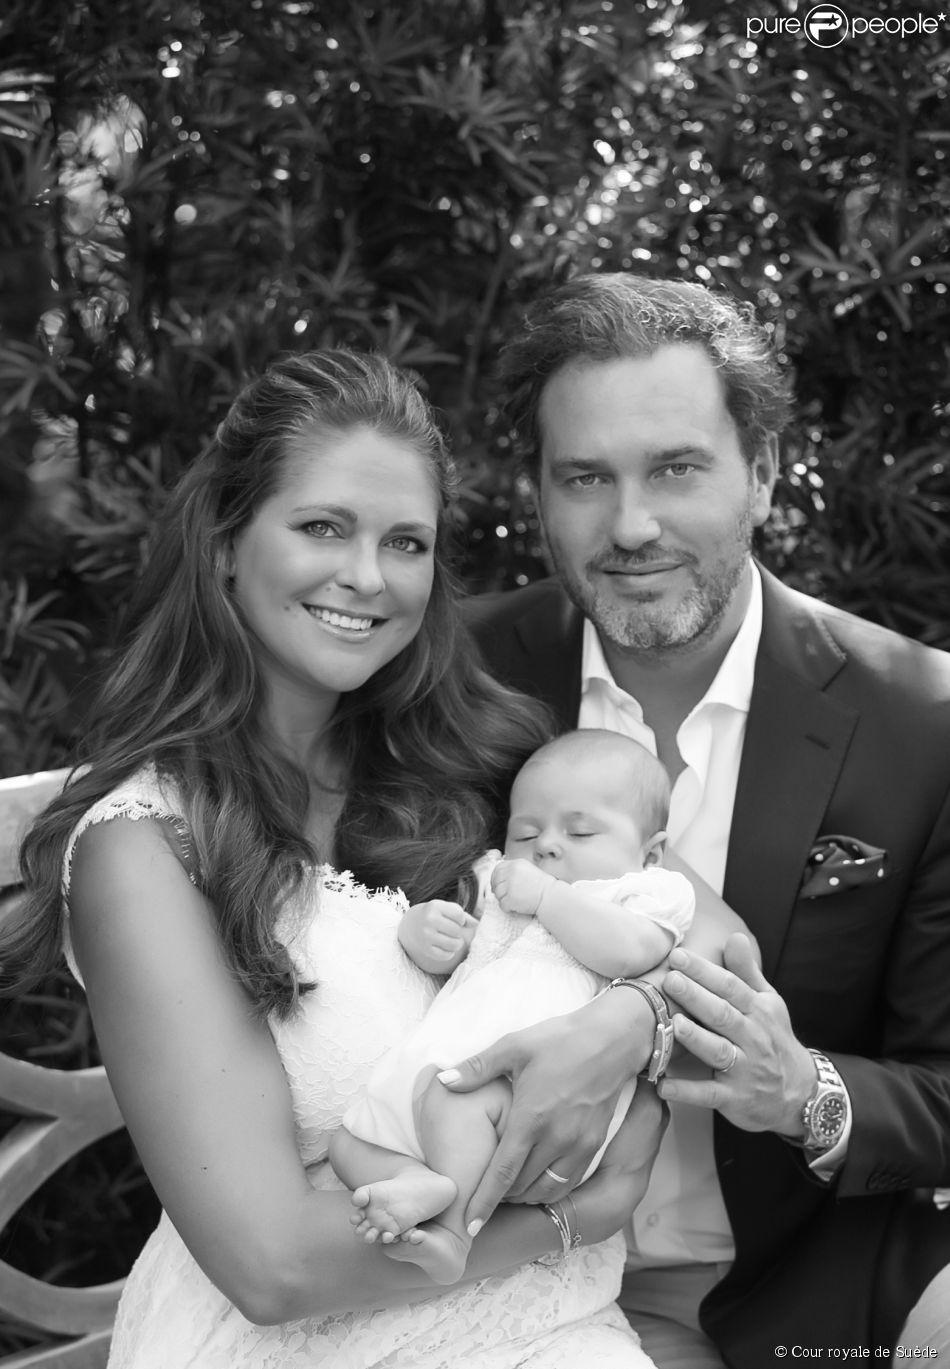 La princesse Madeleine de Suède, Christopher O'Neill et leur fille la princesse Leonore, photo publiée le 20 mai 2014 par le palais royal, à quelques jours du baptême de la fillette.